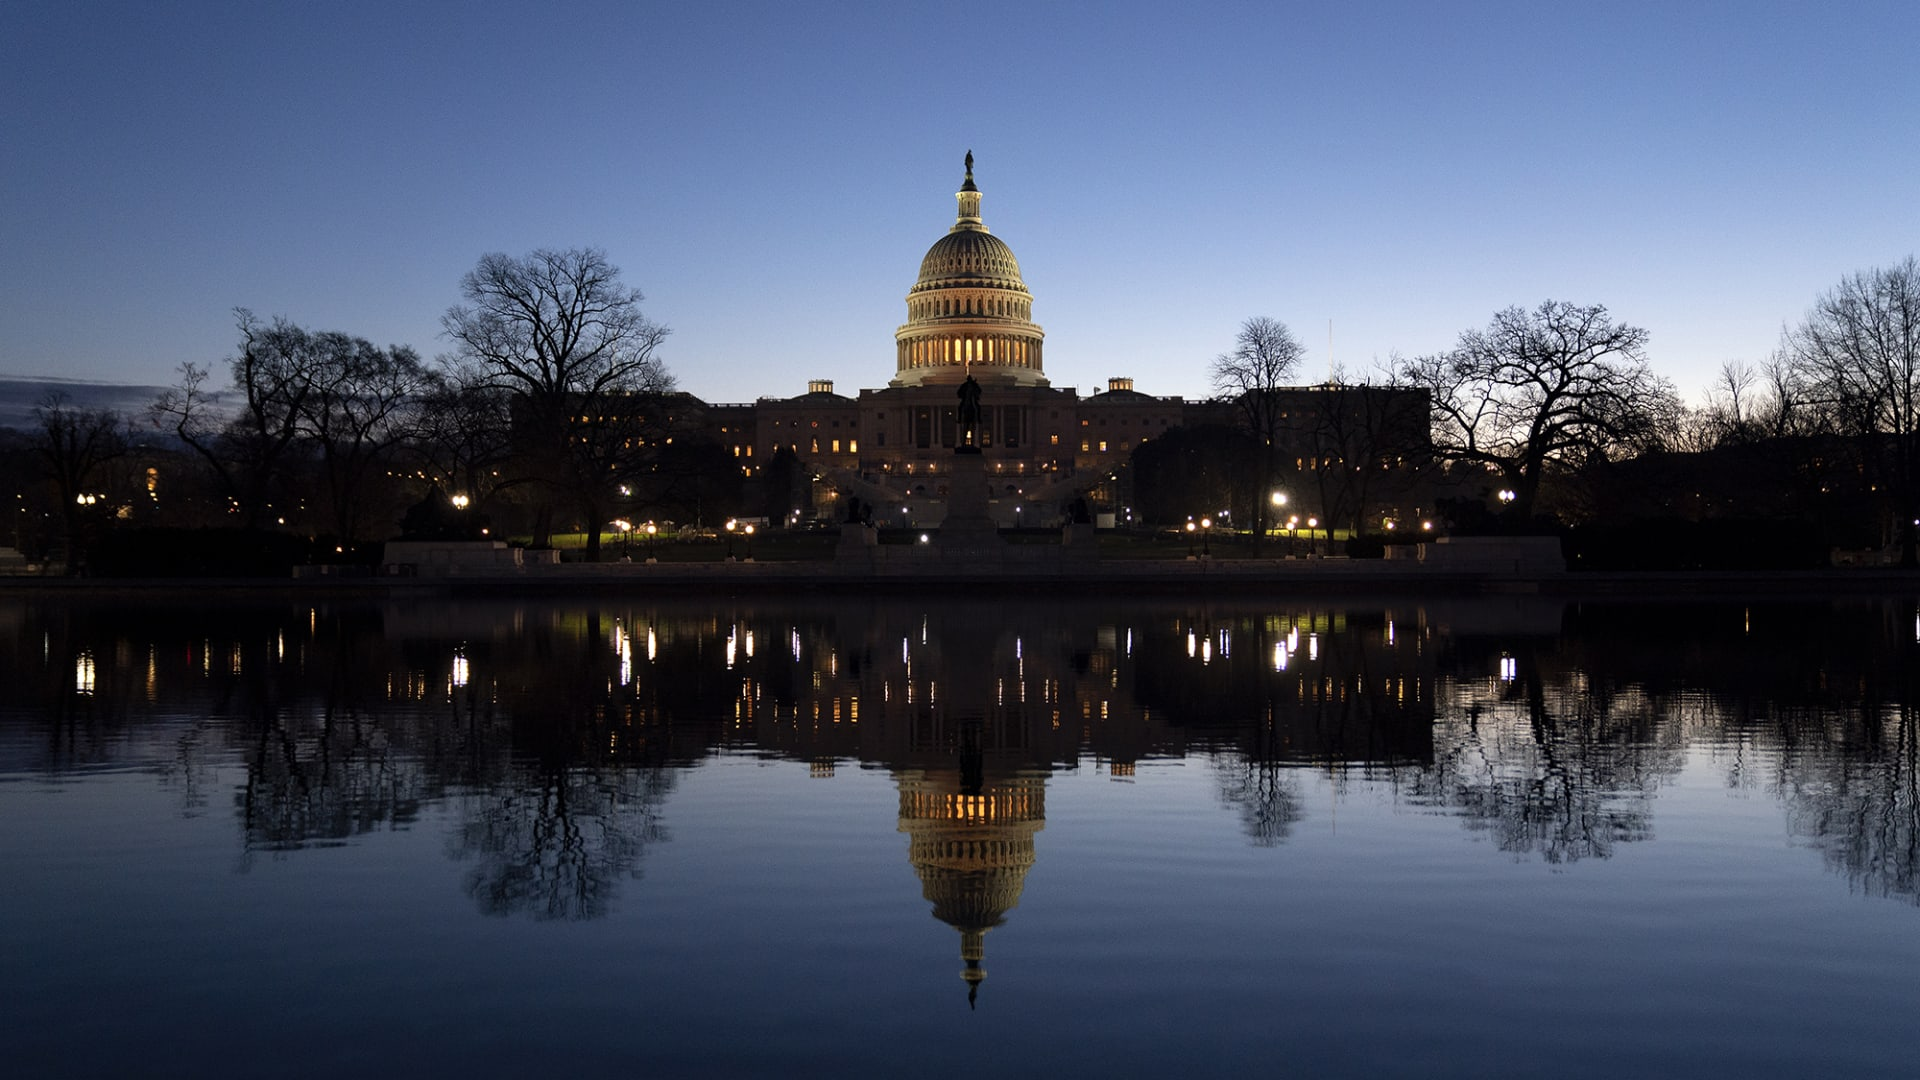 أكثر من 170 رجل أعمال أمريكي يطلب من الكونغرس قبول فوز بايدن